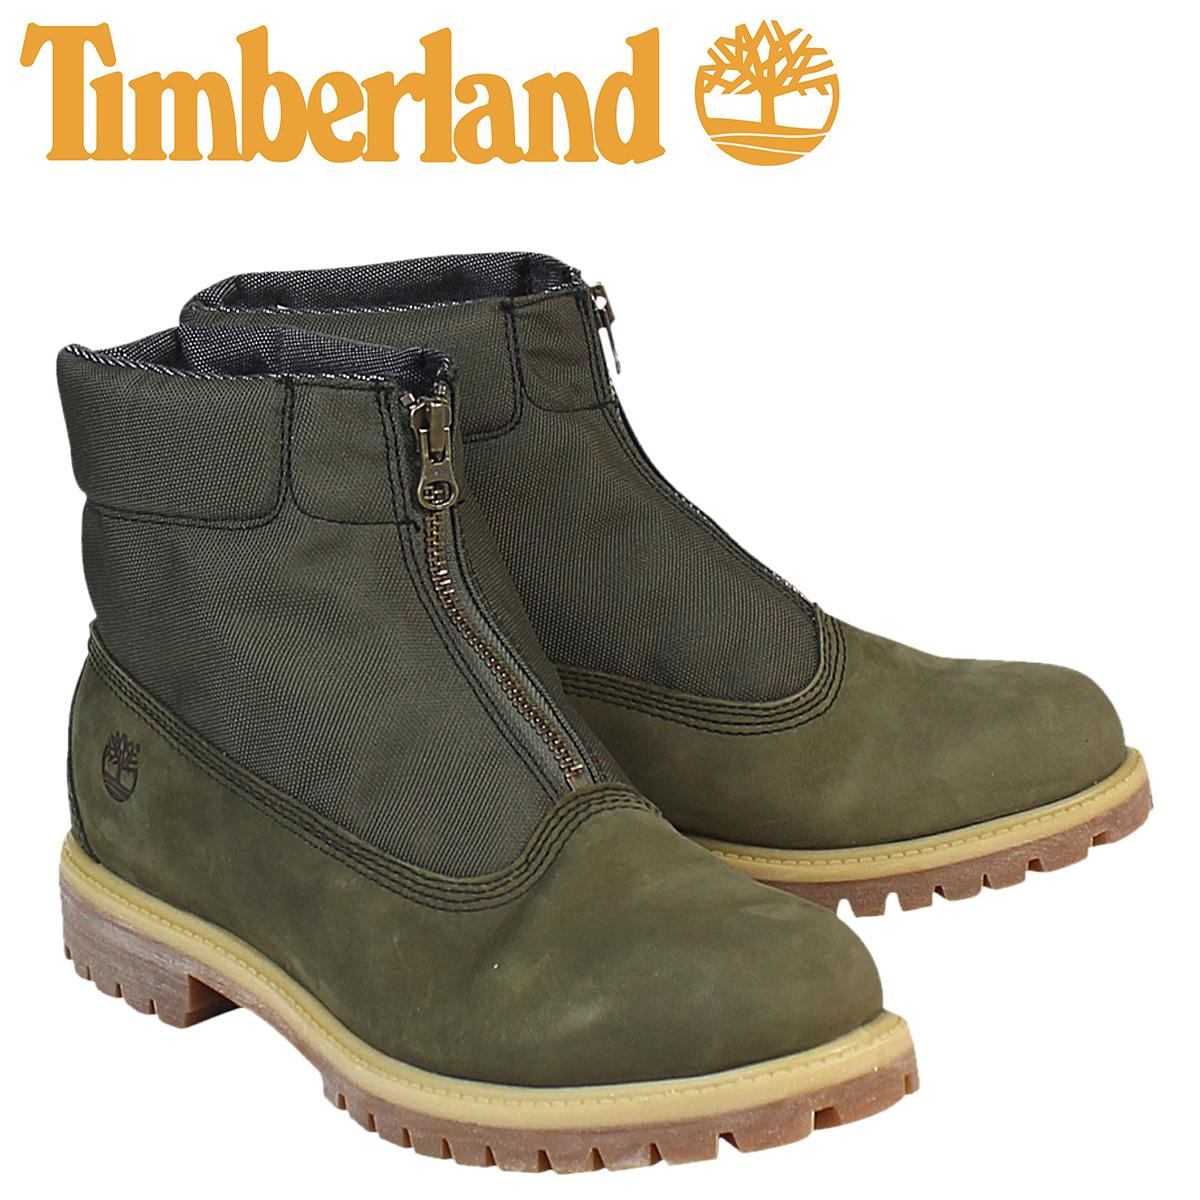 Timberland Timberland ICON PREMIUM ZIP TOP CHUKKA ブーツアイコンプレミアムジップトップチャッカ 6528B W Wise army green men